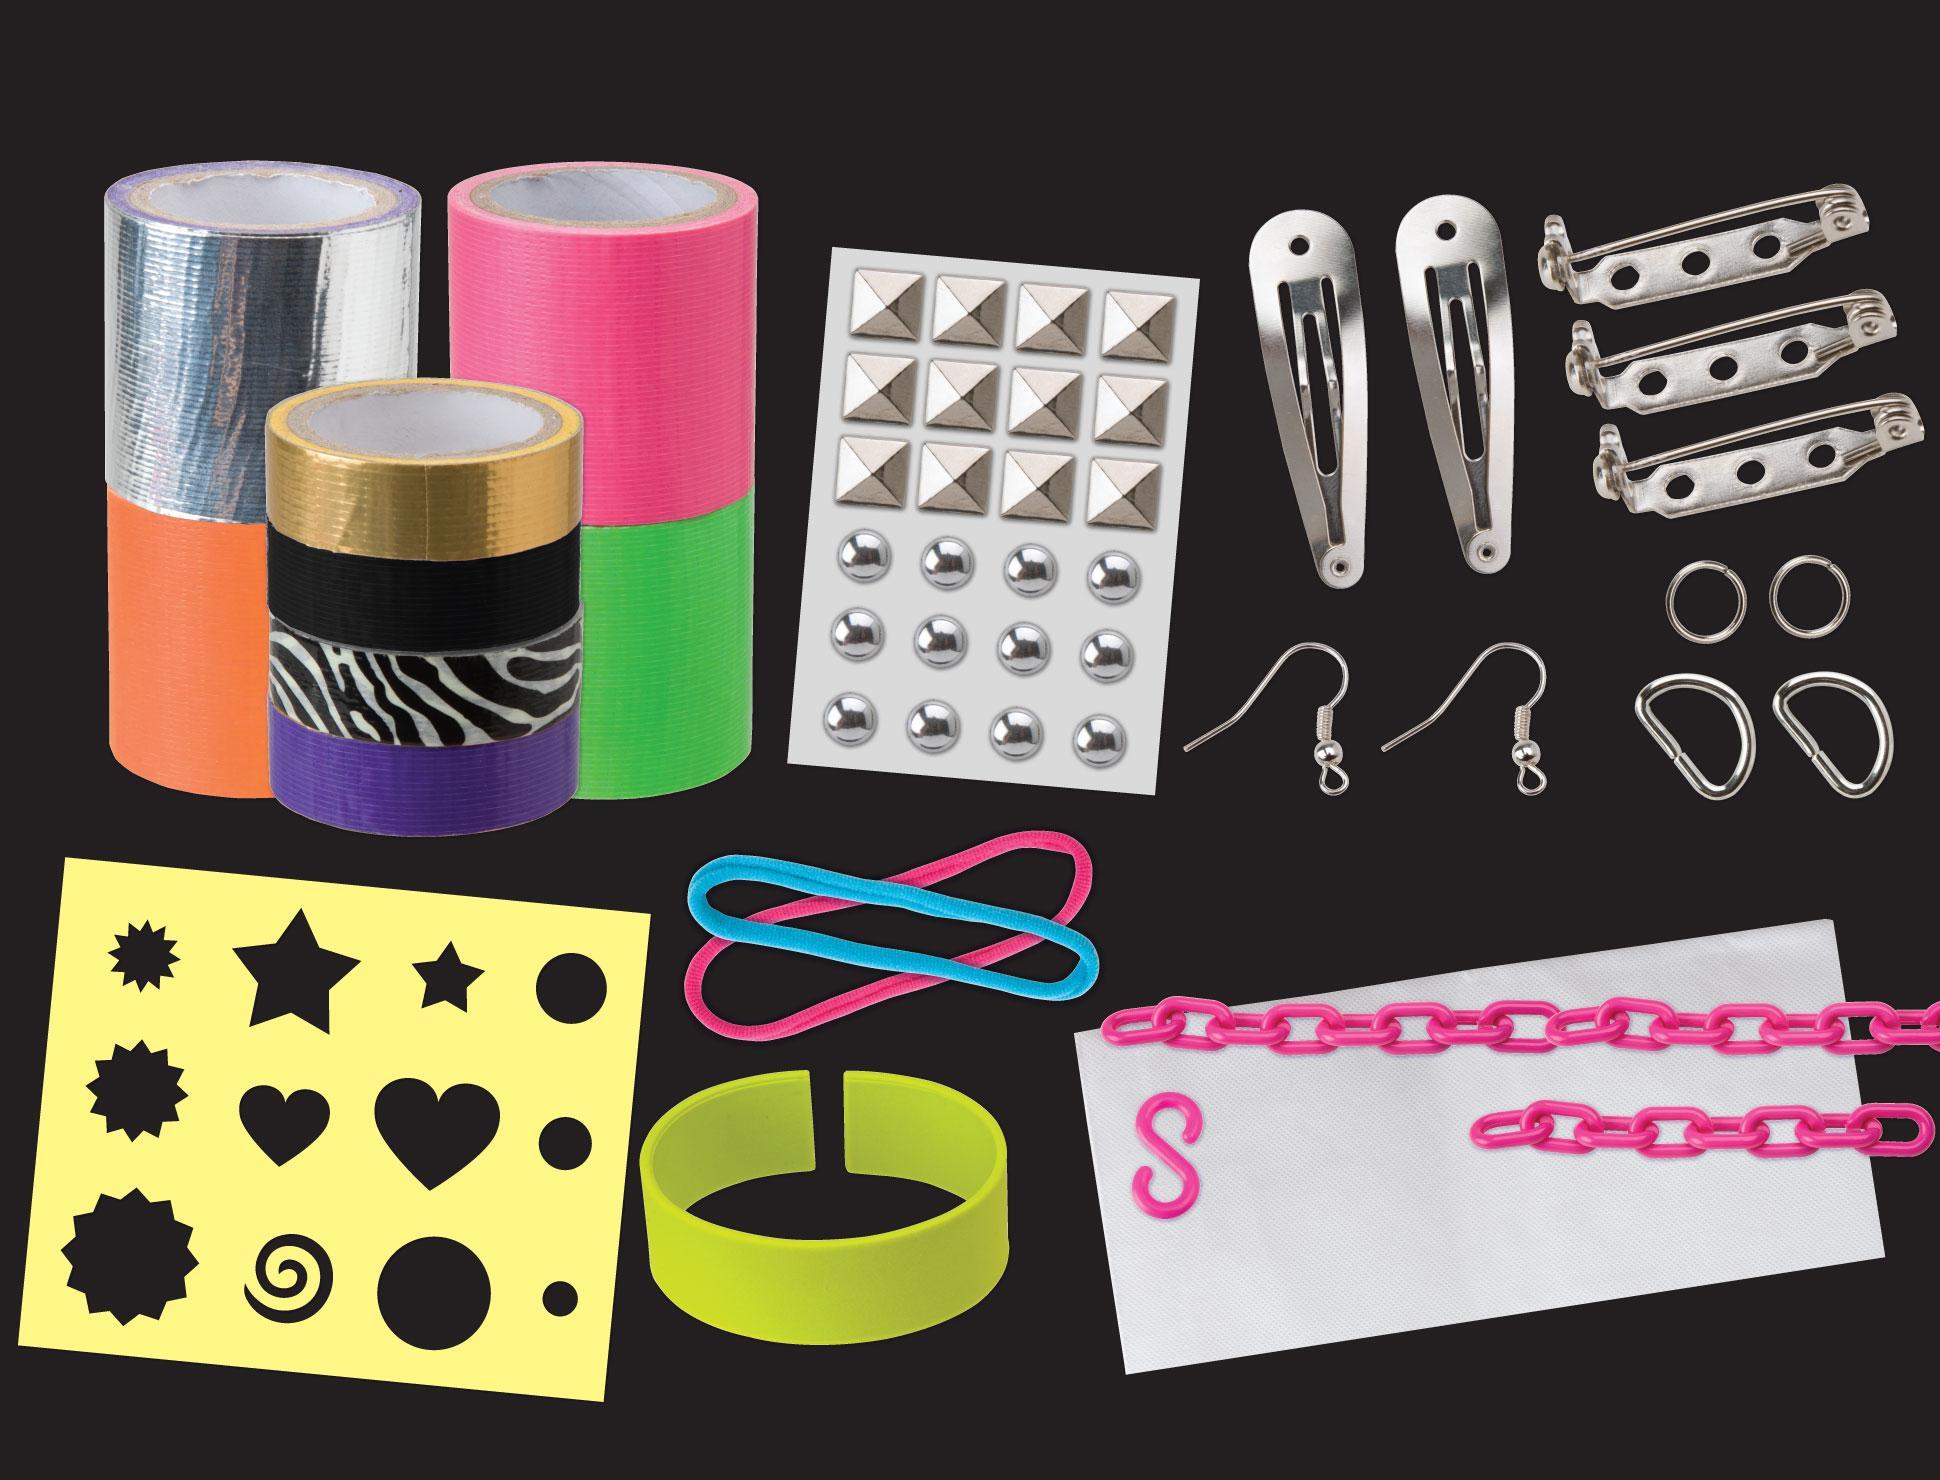 duct tape crafts car interior design. Black Bedroom Furniture Sets. Home Design Ideas